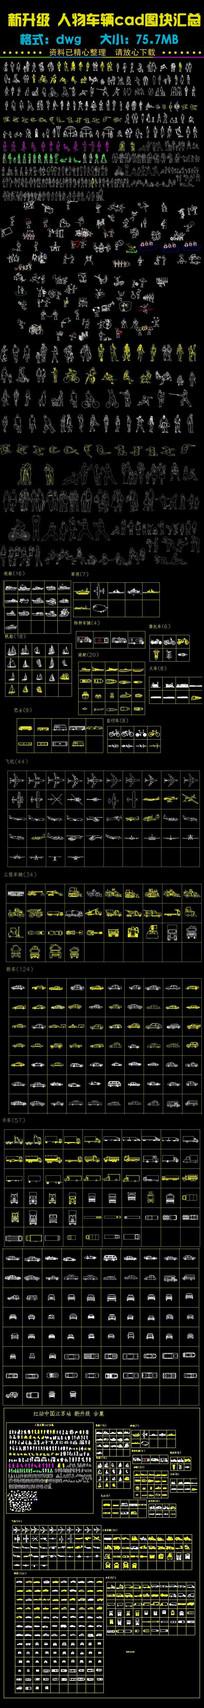 人物交通工具车辆CAD汇总 dwg